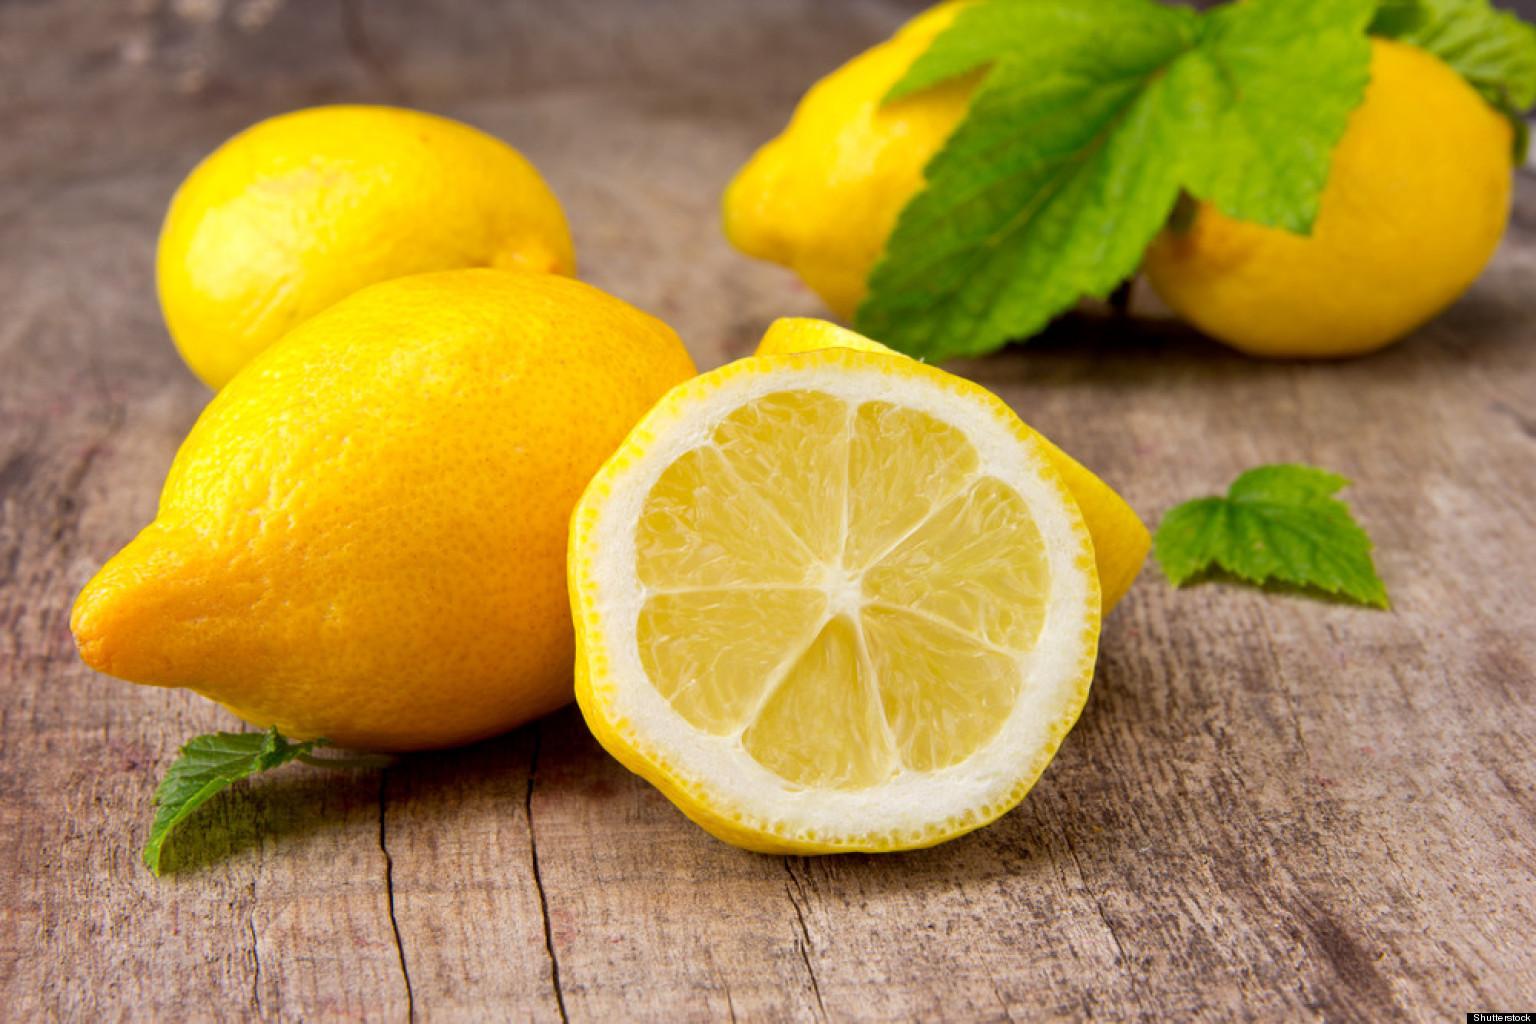 吃檸檬能促進新陳代謝嗎?